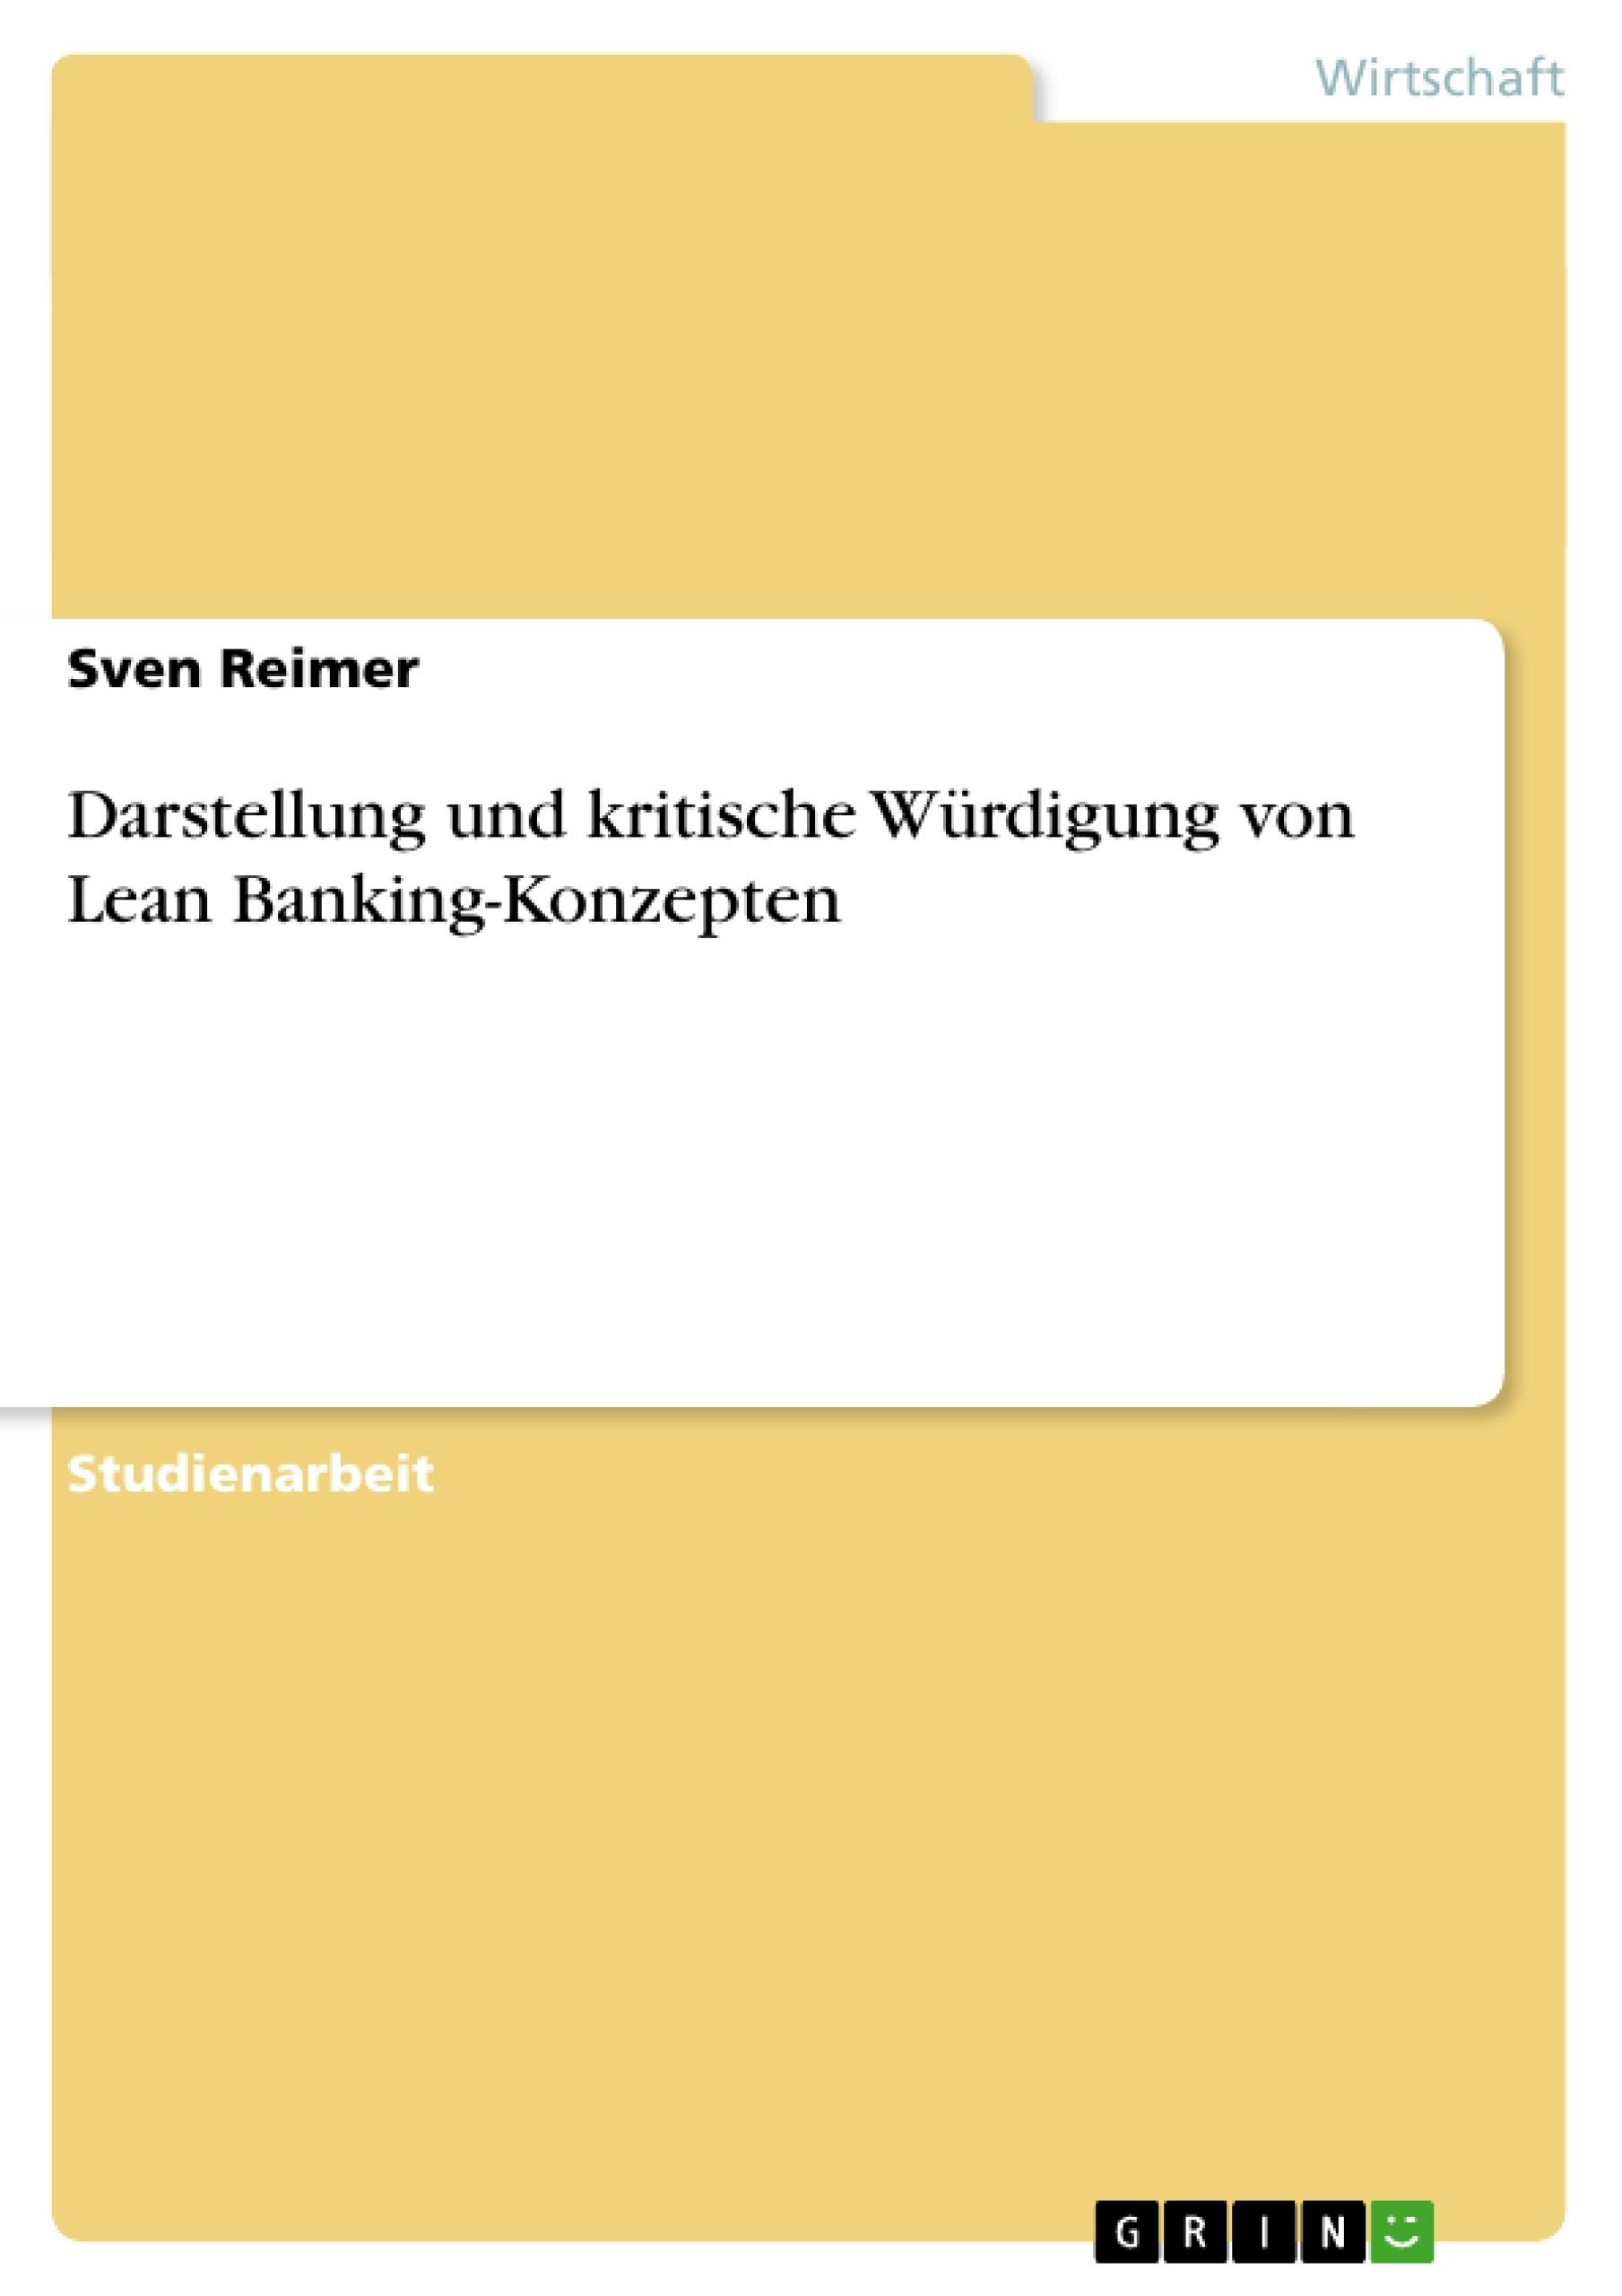 Titel: Darstellung und kritische Würdigung von Lean Banking-Konzepten